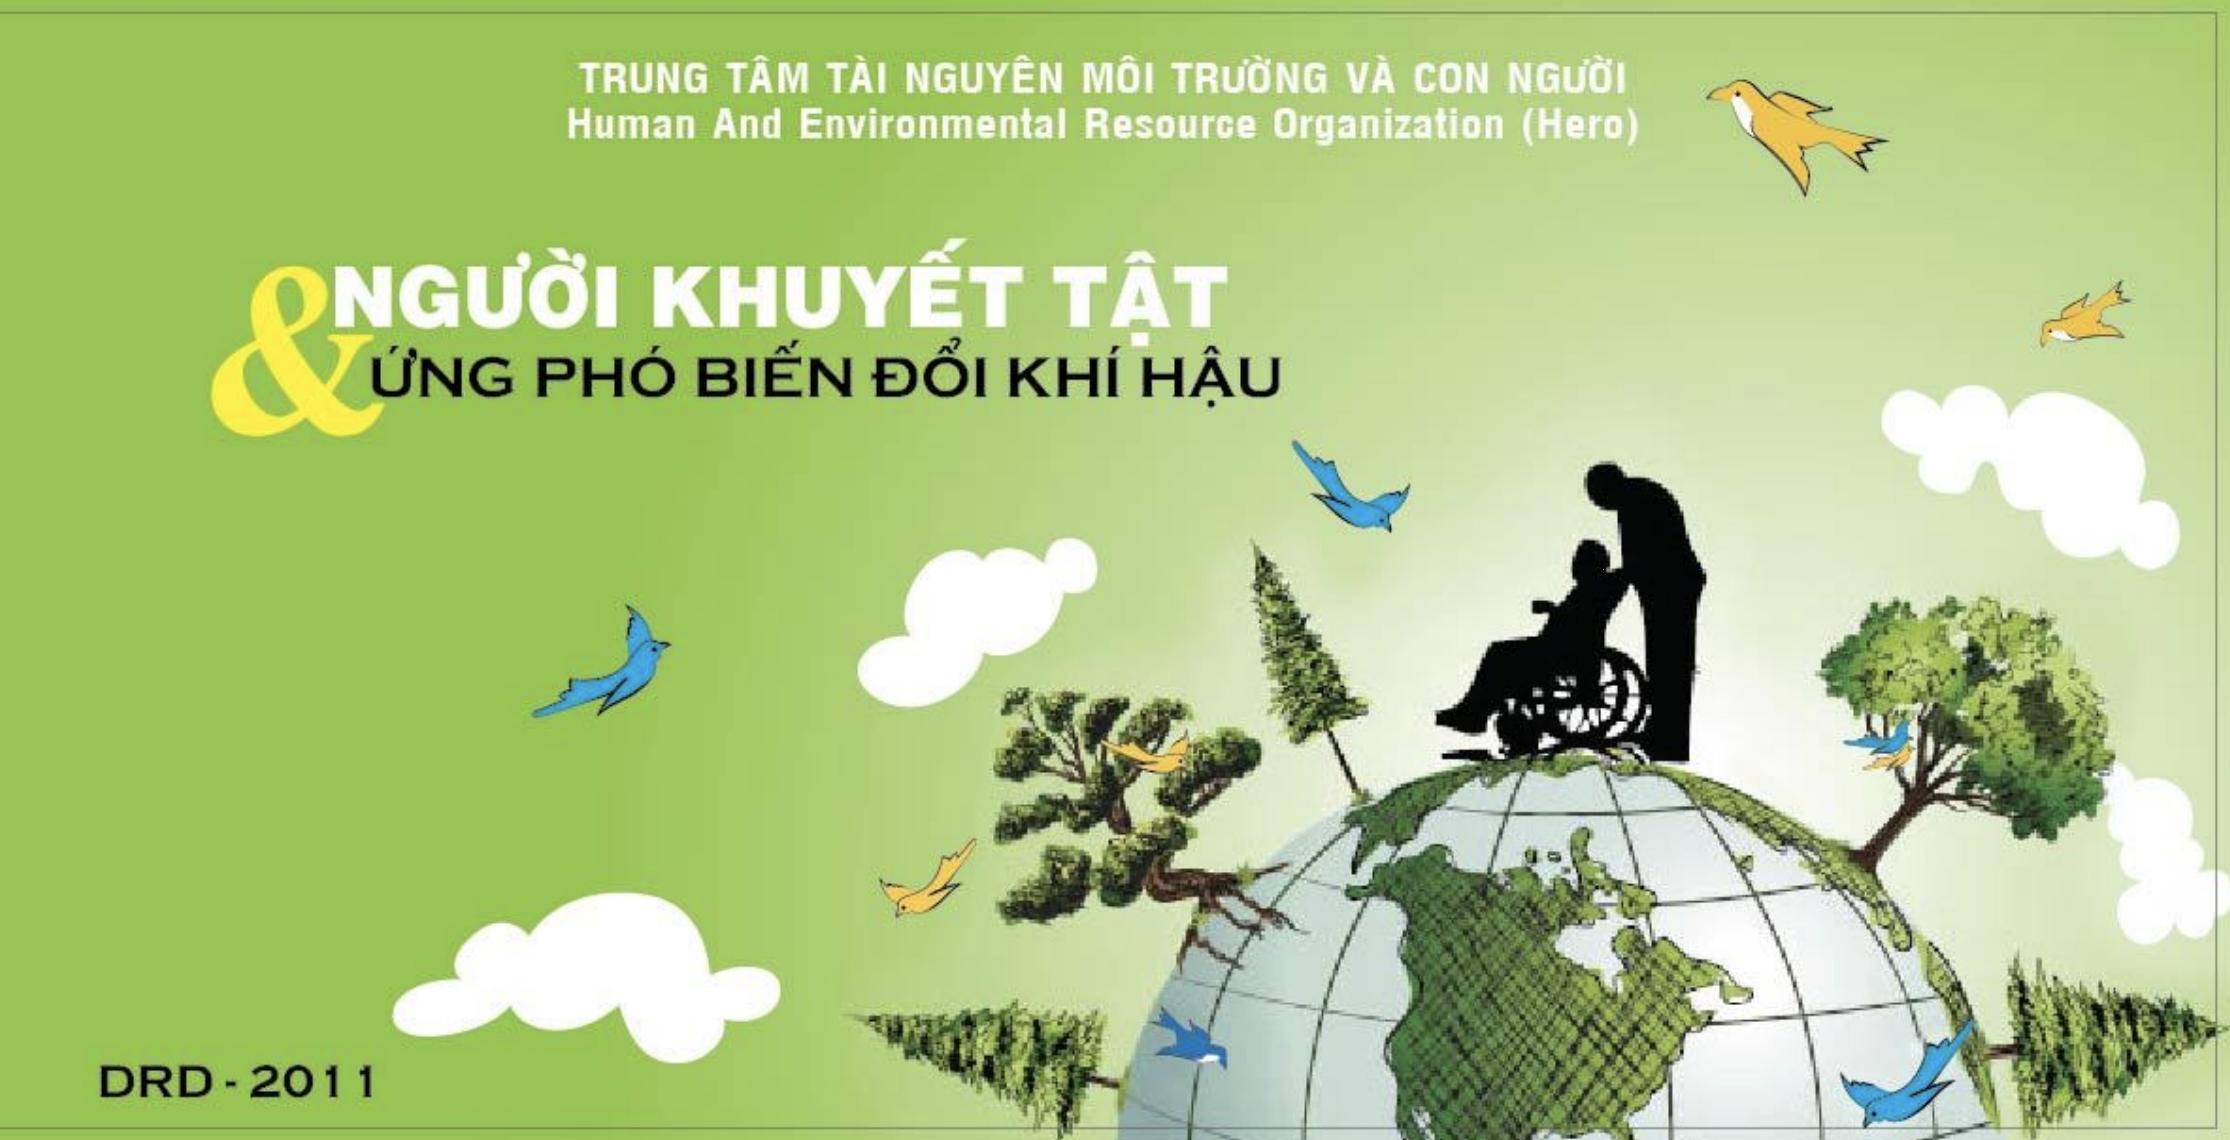 Người khuyết tật với biến đổi khí hậu   DRD 2011